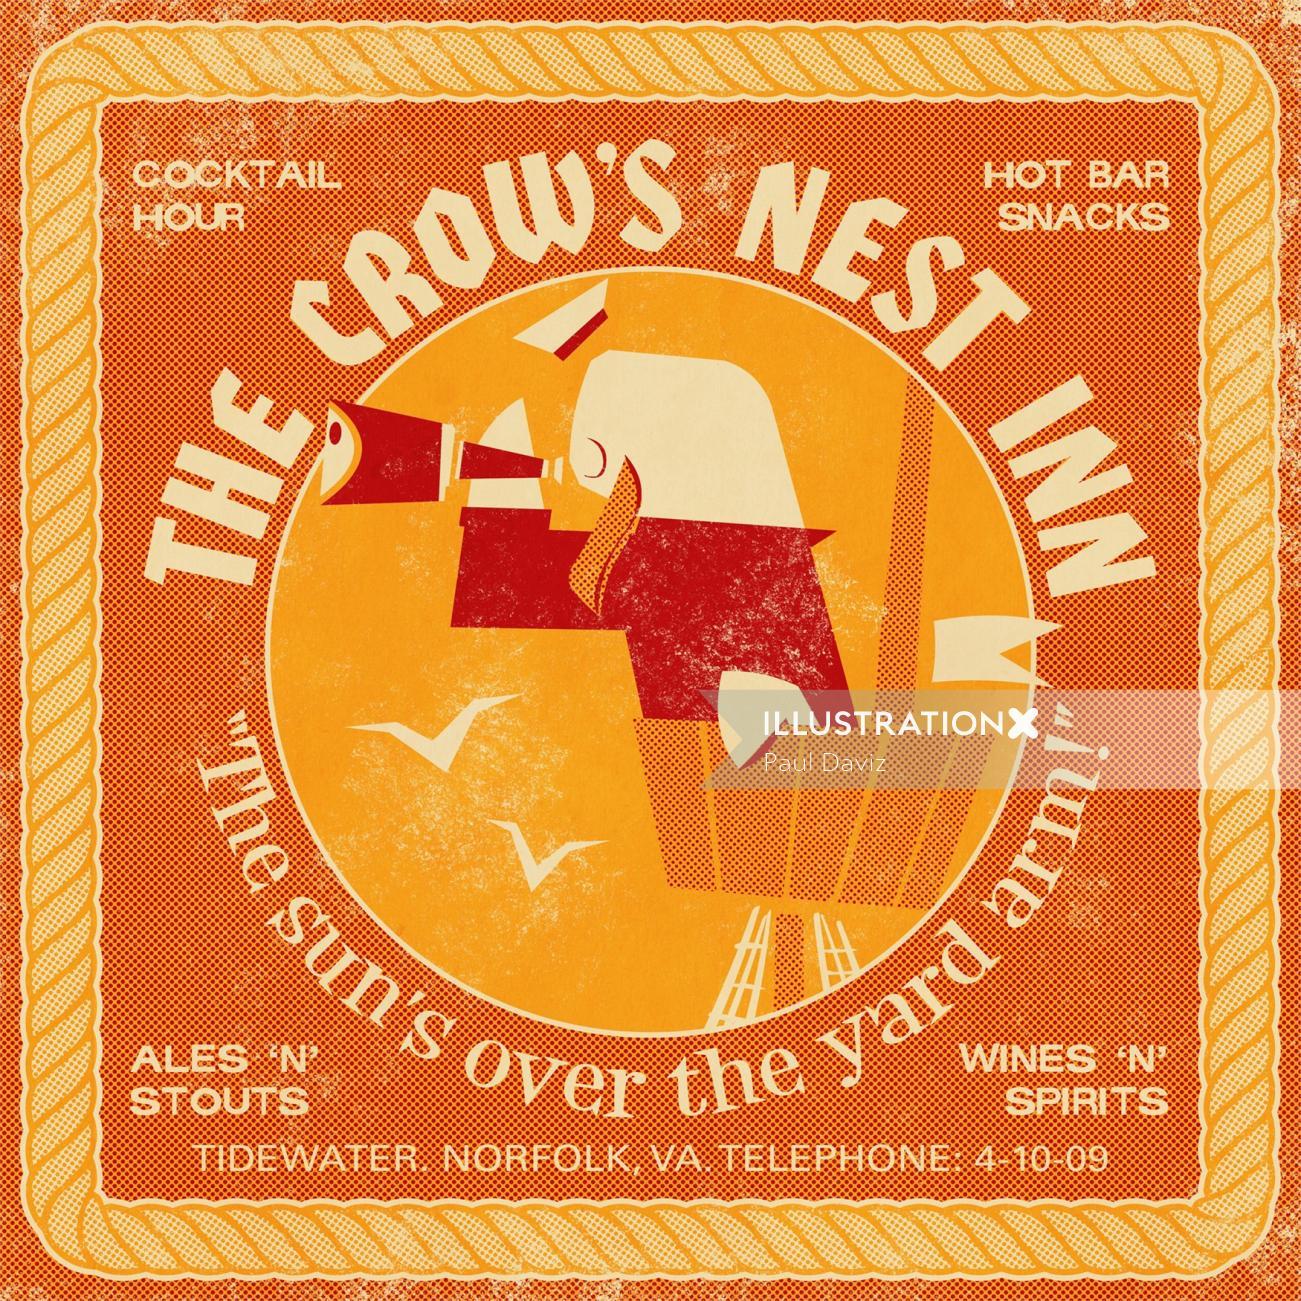 Retro Crow's nest Inn Poster for Open Road